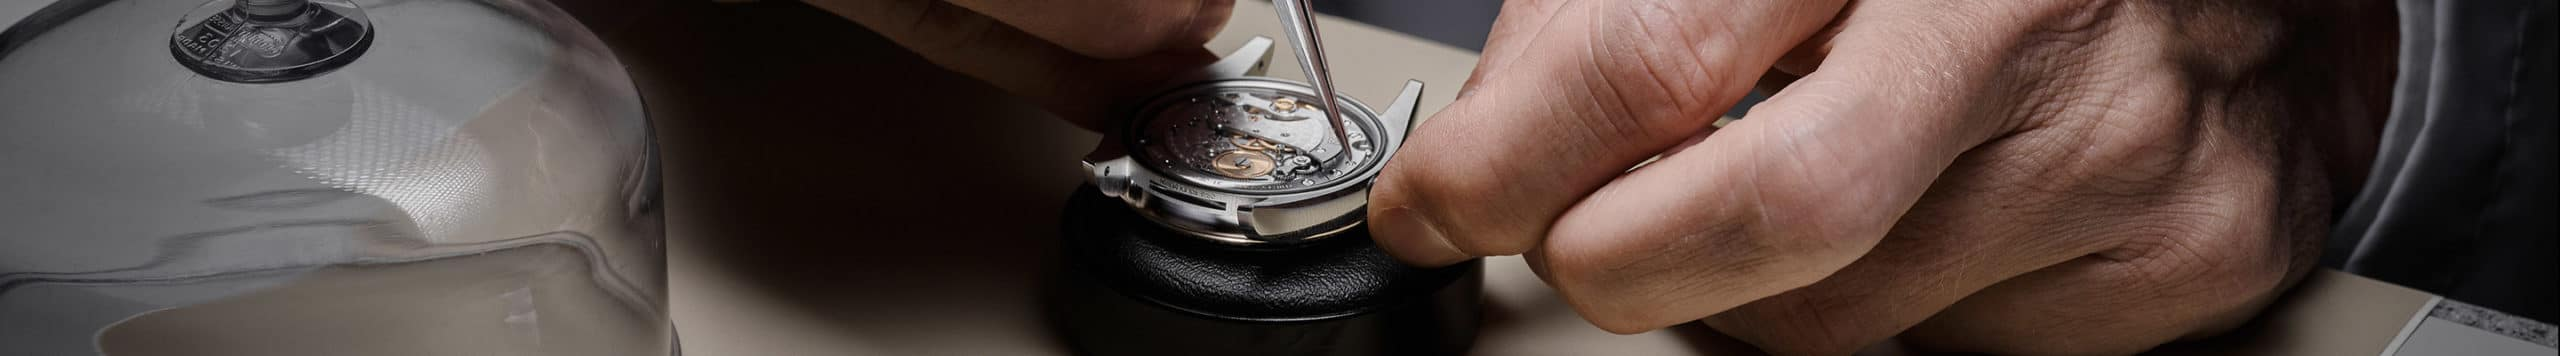 ศูนย์ซ่อมนาฬิกา Rolex โดย เอ็น จี จี ไทม์พีซ